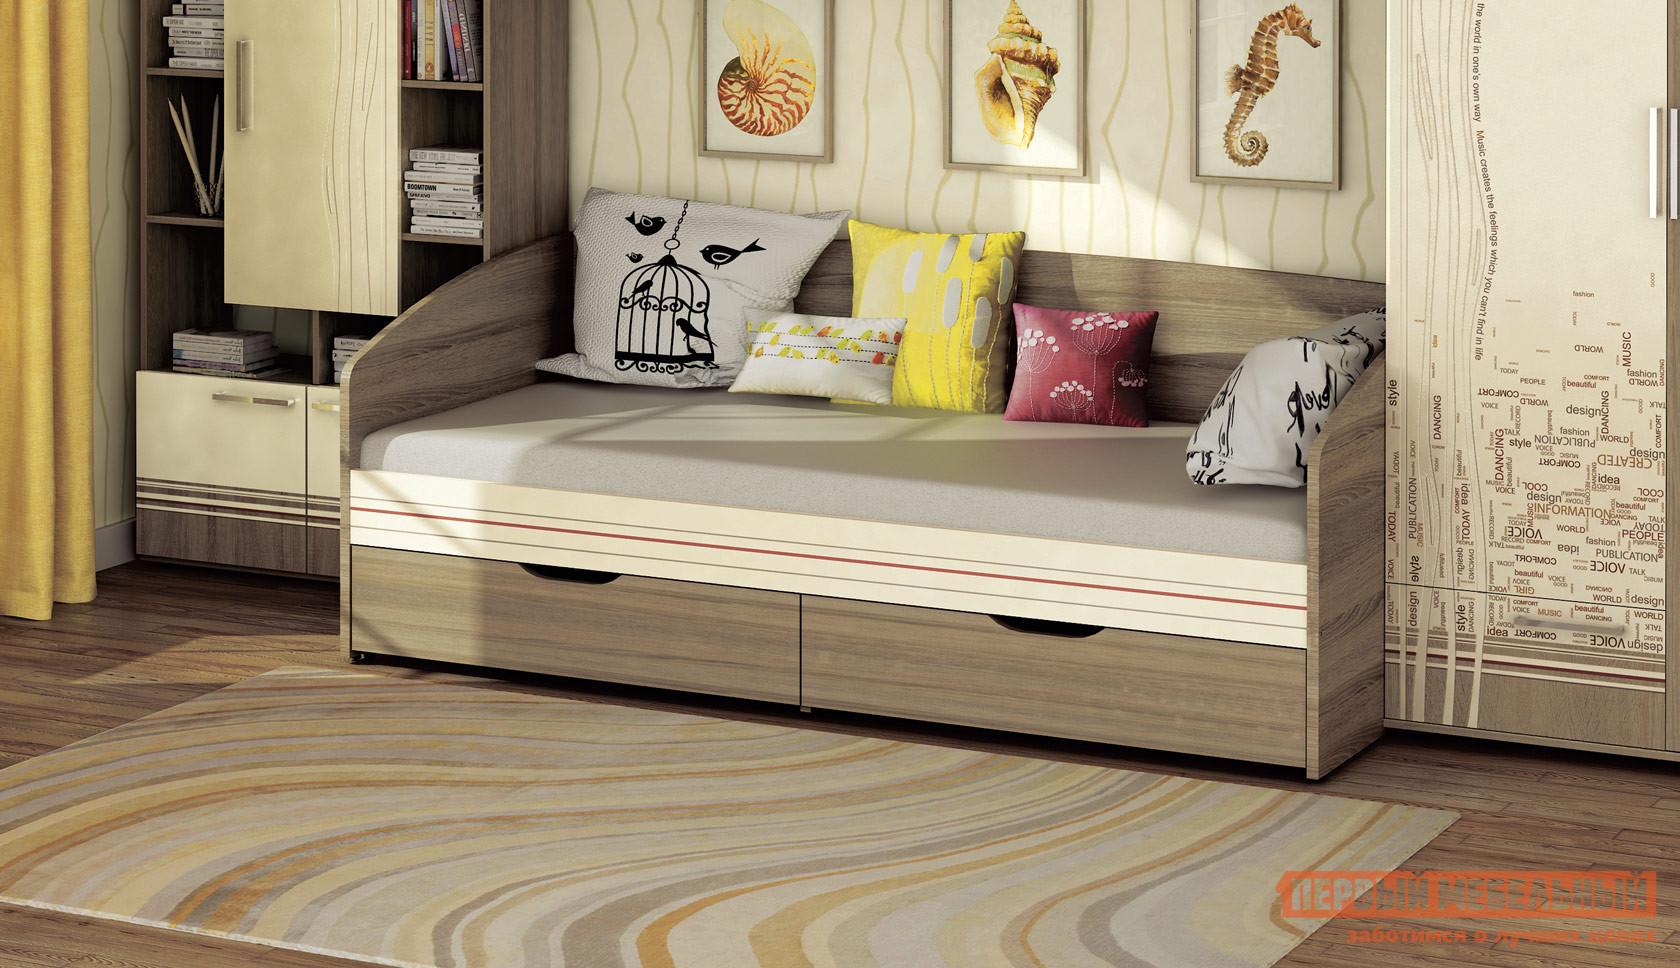 Детская кровать-тахта с ящиками для белья Витра 54.11 стол с ящиками витра 19 71